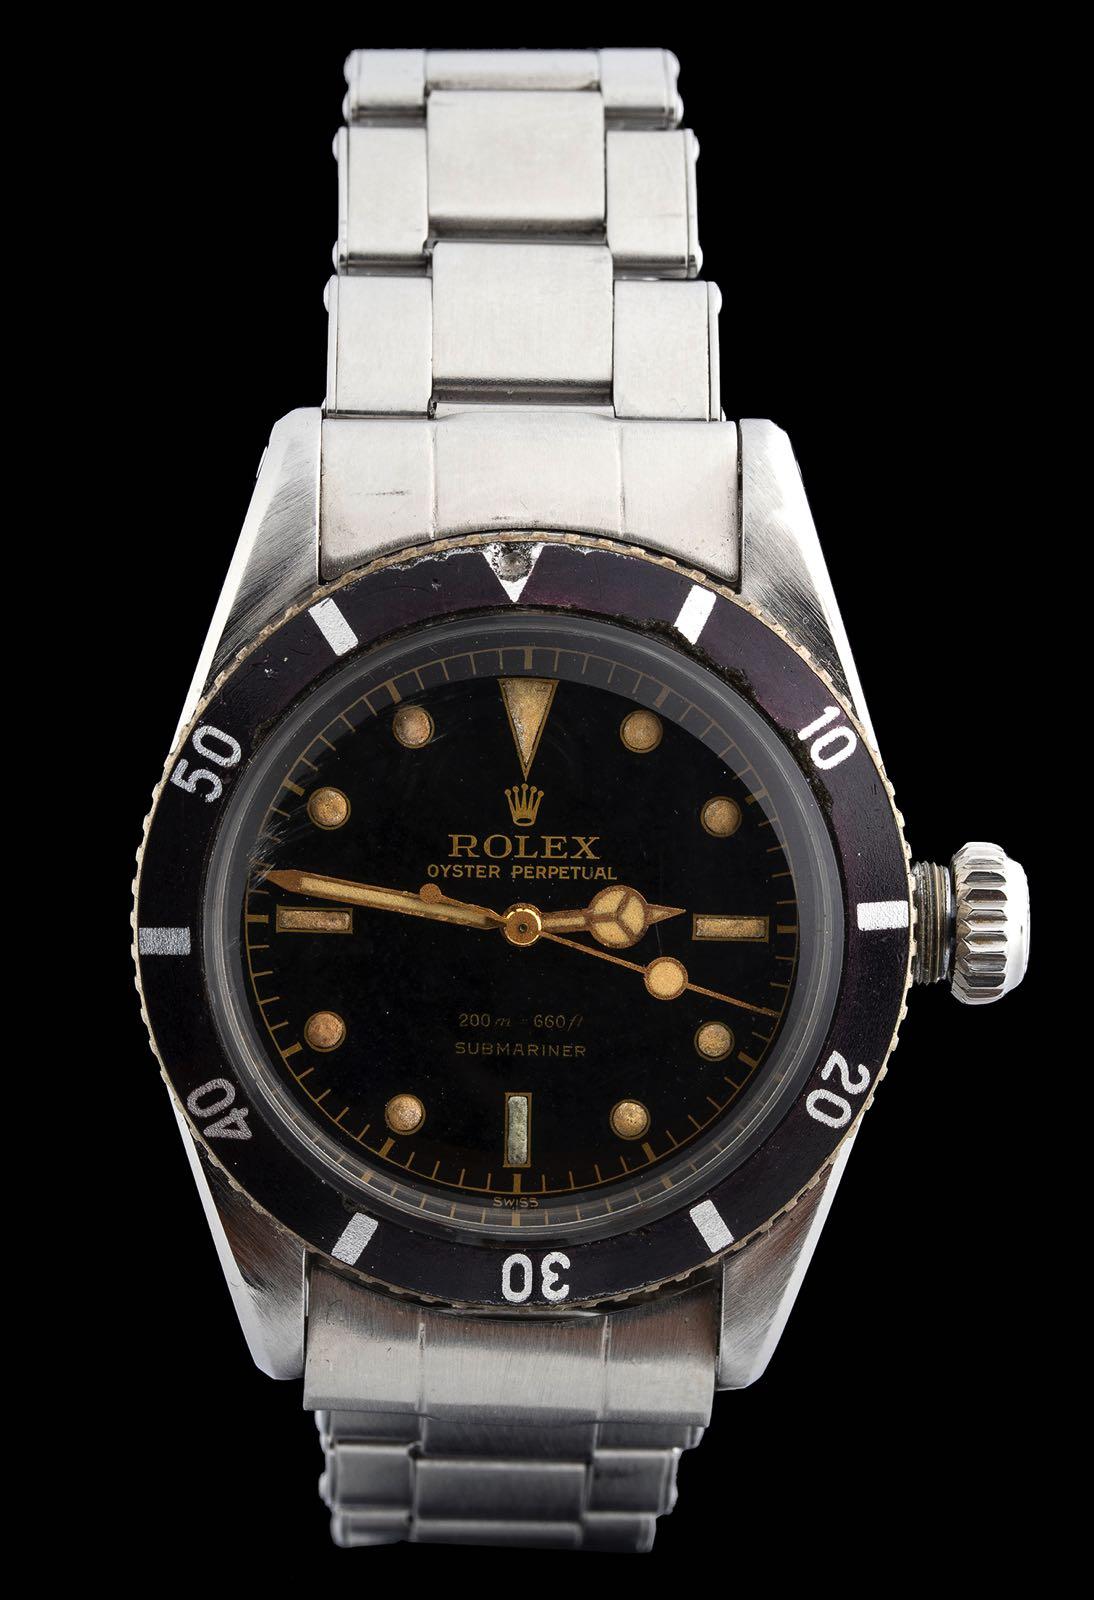 """Rolex Submariner ref 6538 """"Big Crown"""""""